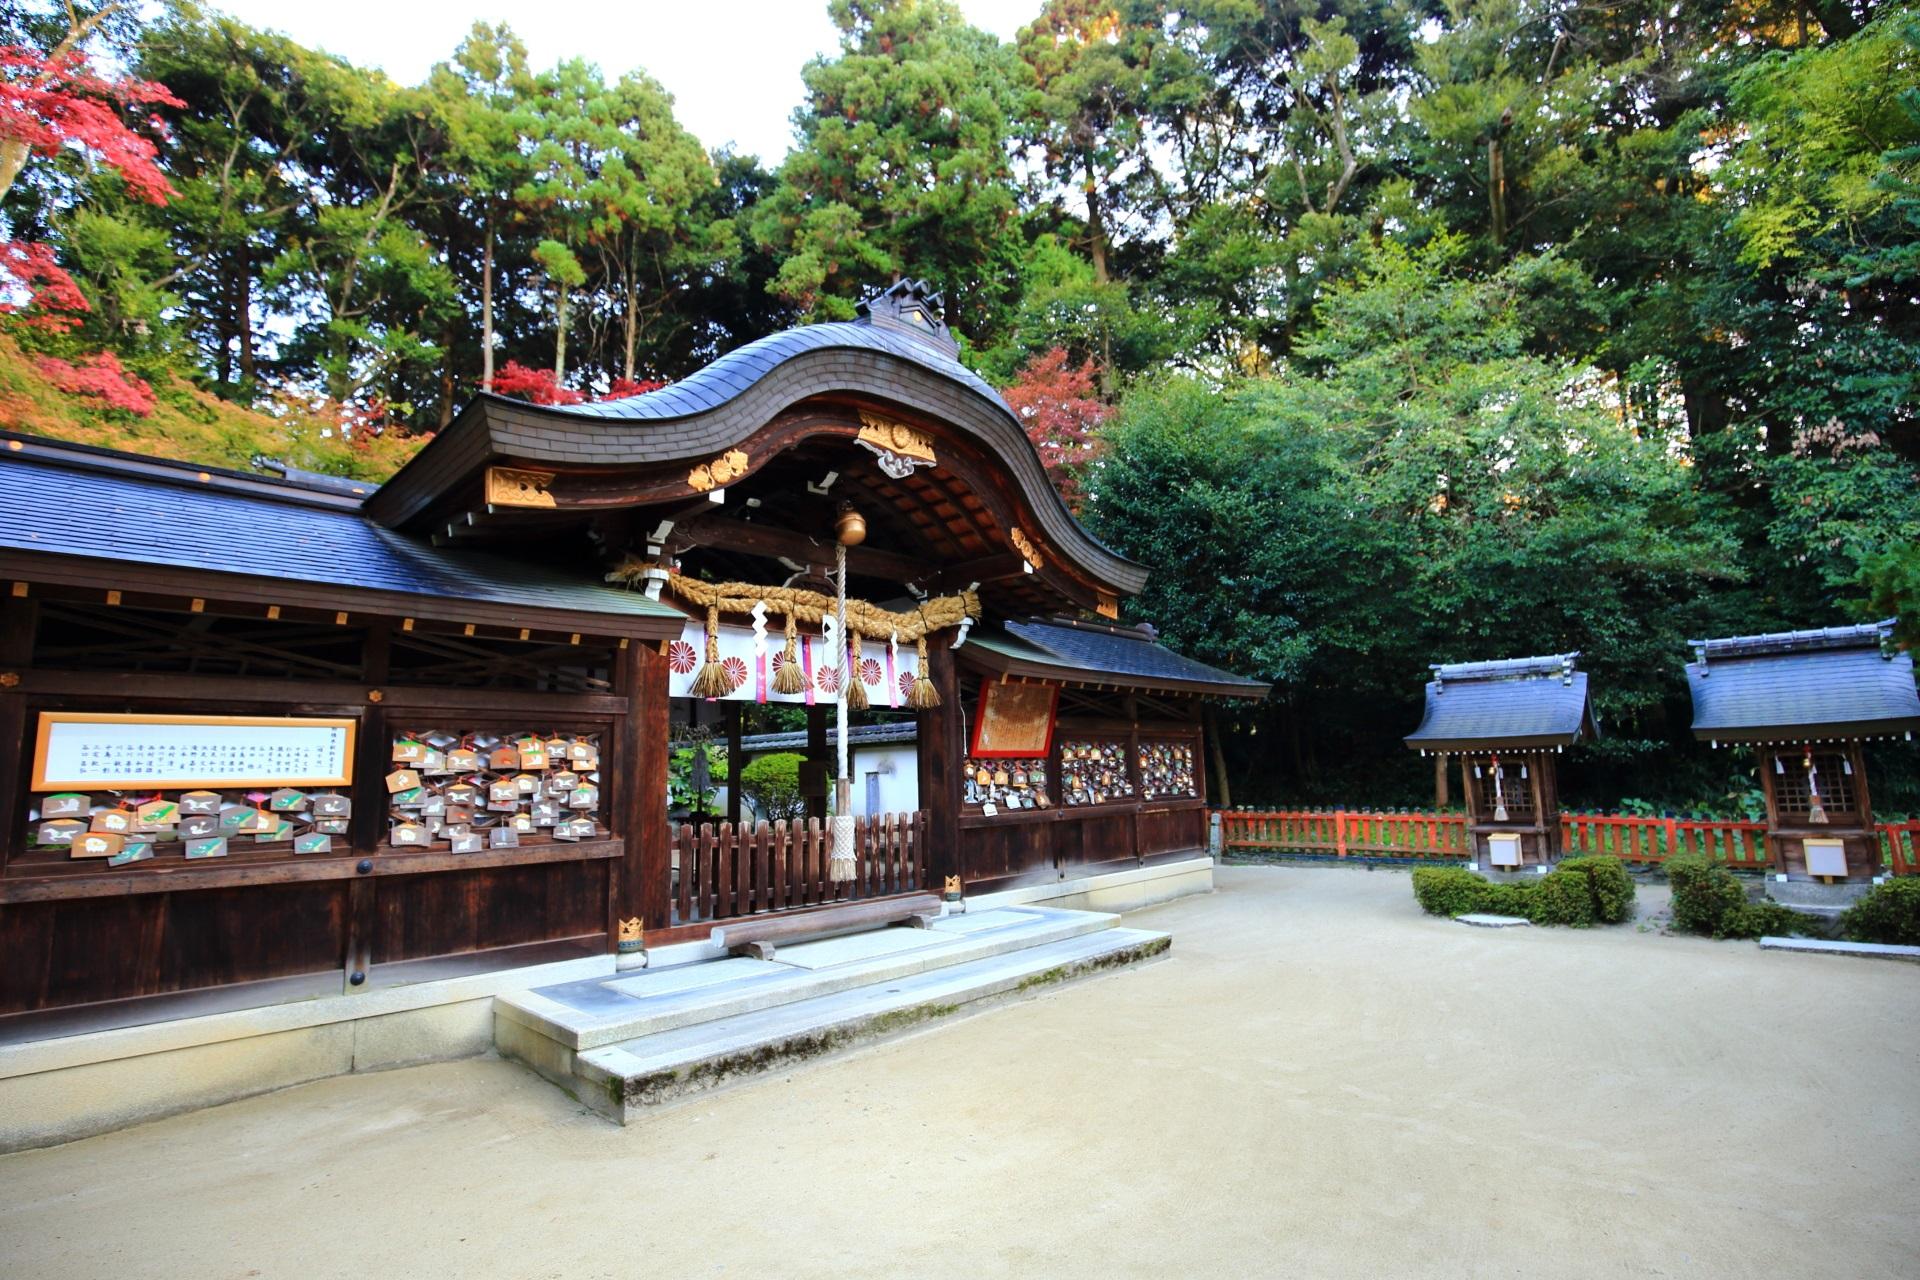 鷺森神社の多種多様な緑の溢れる境内